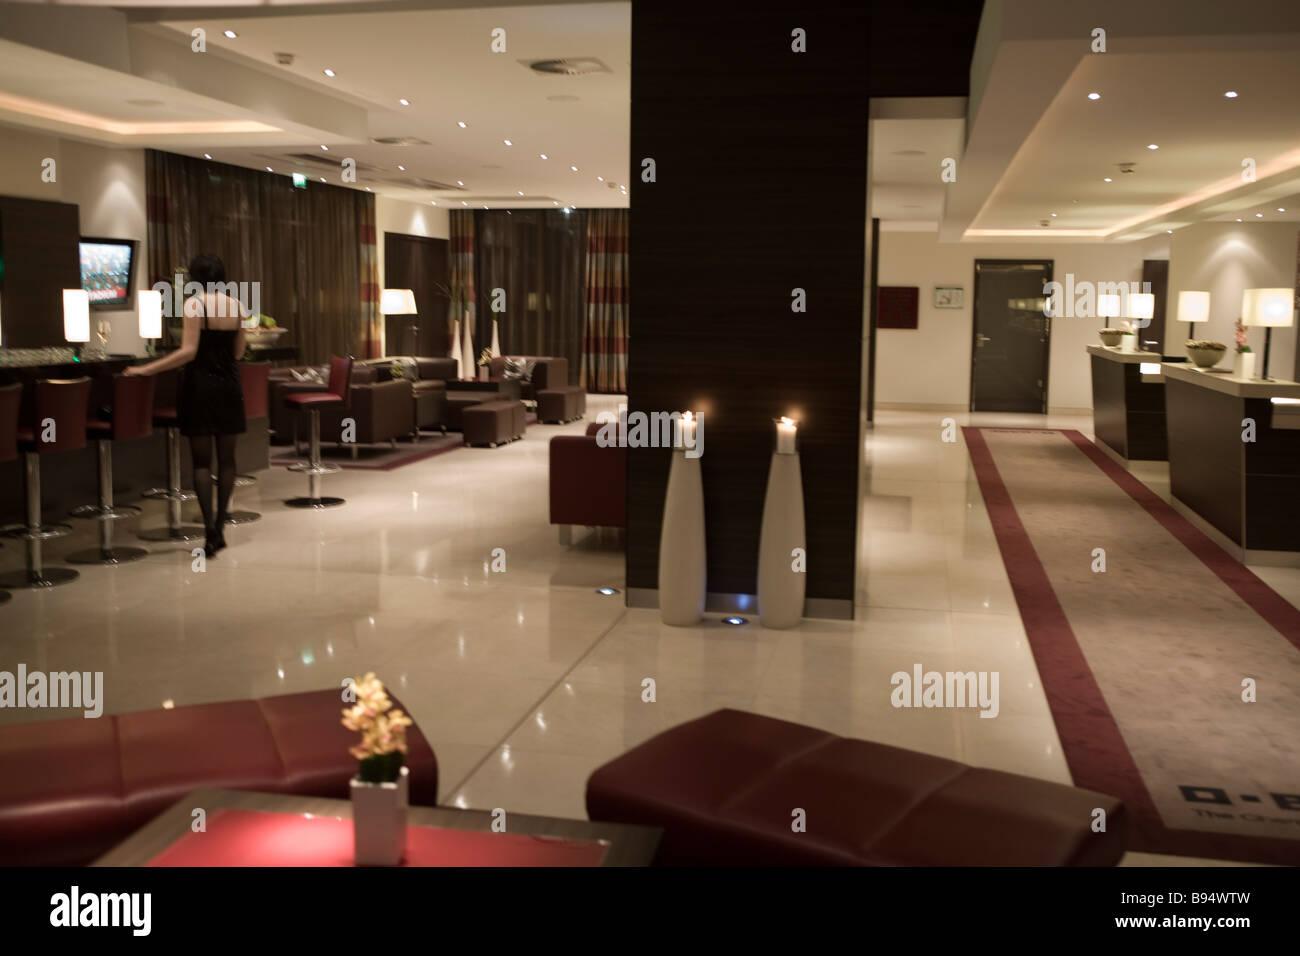 Hotel Lobby - Stock Image